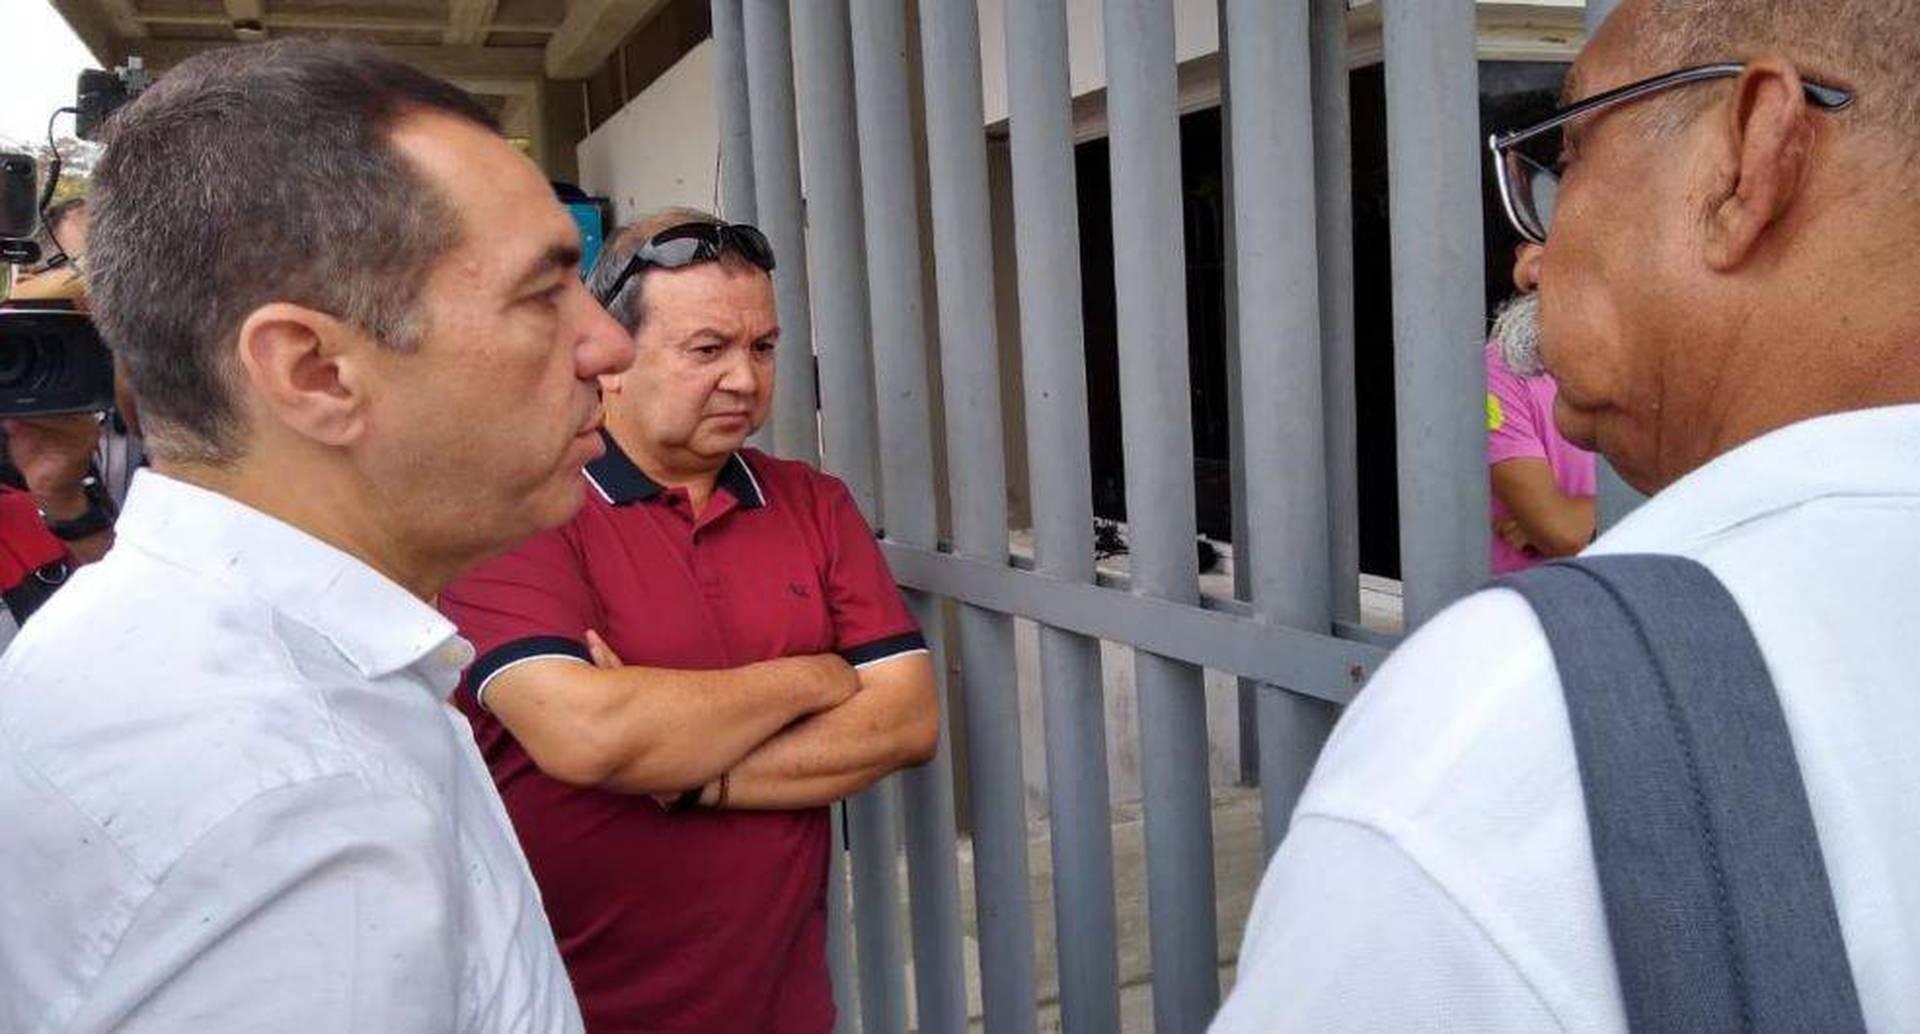 El rector Jorge Restrepo en el momento que intentaba ingresar a la universidad.